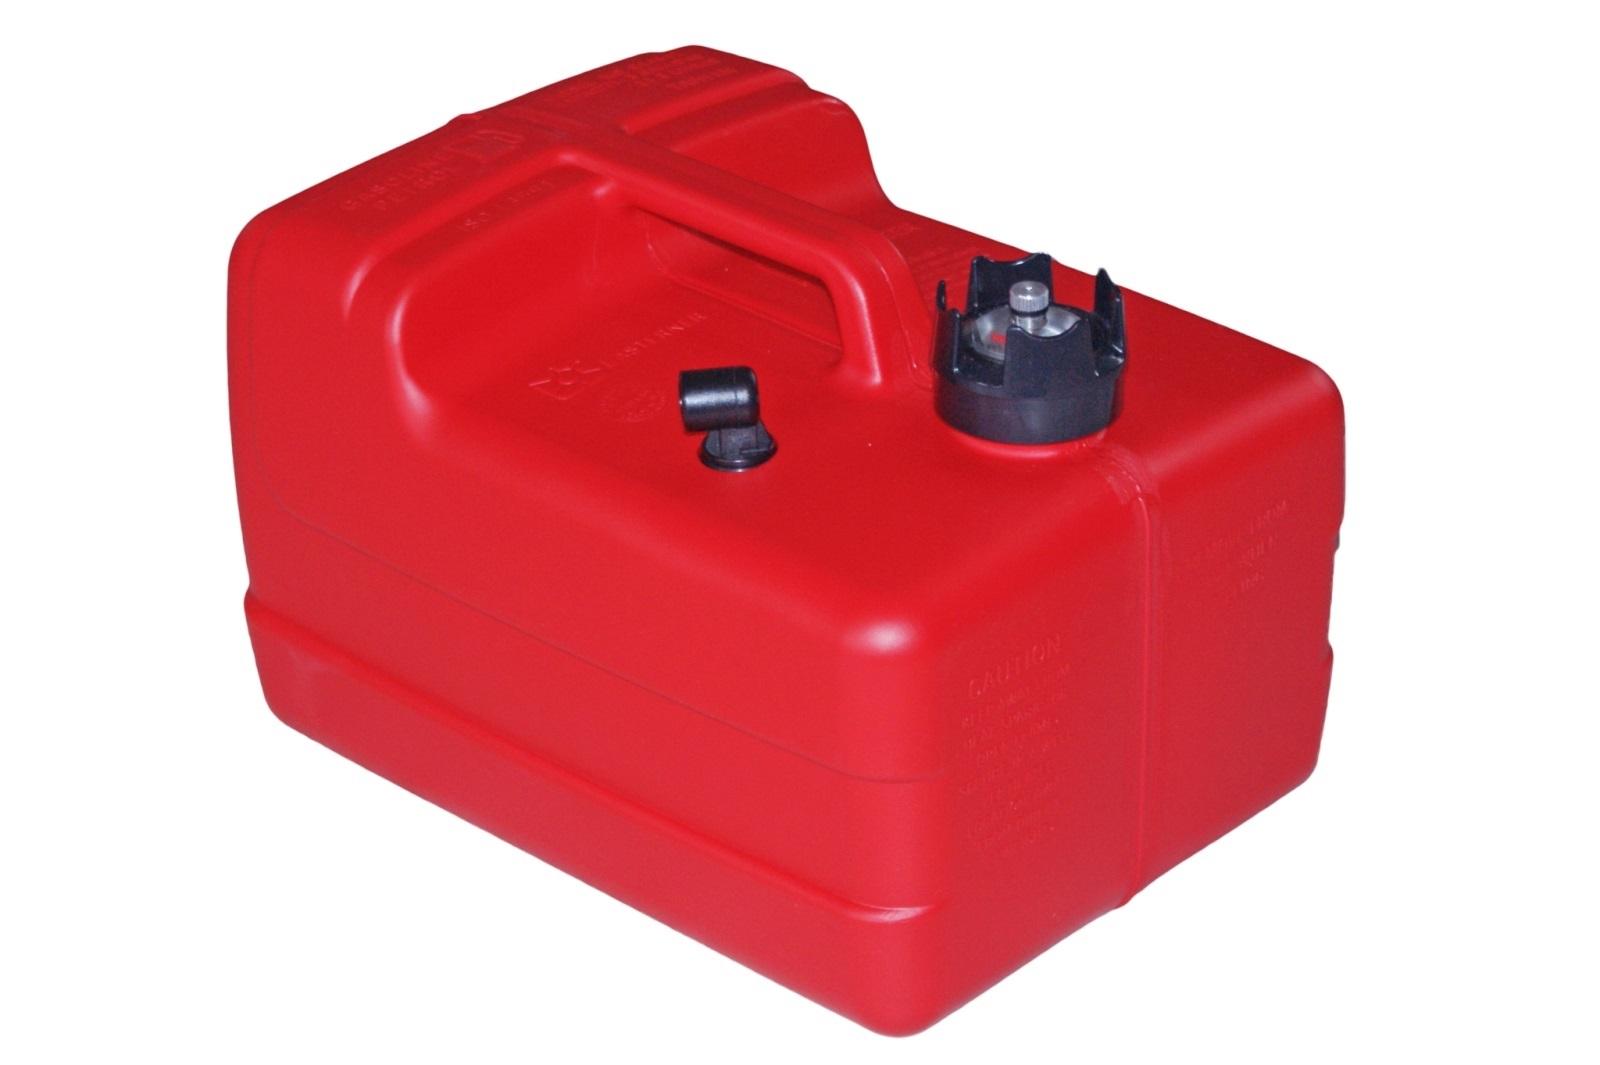 palivova nadrz_11  litrů_s_palivomerem.jpg